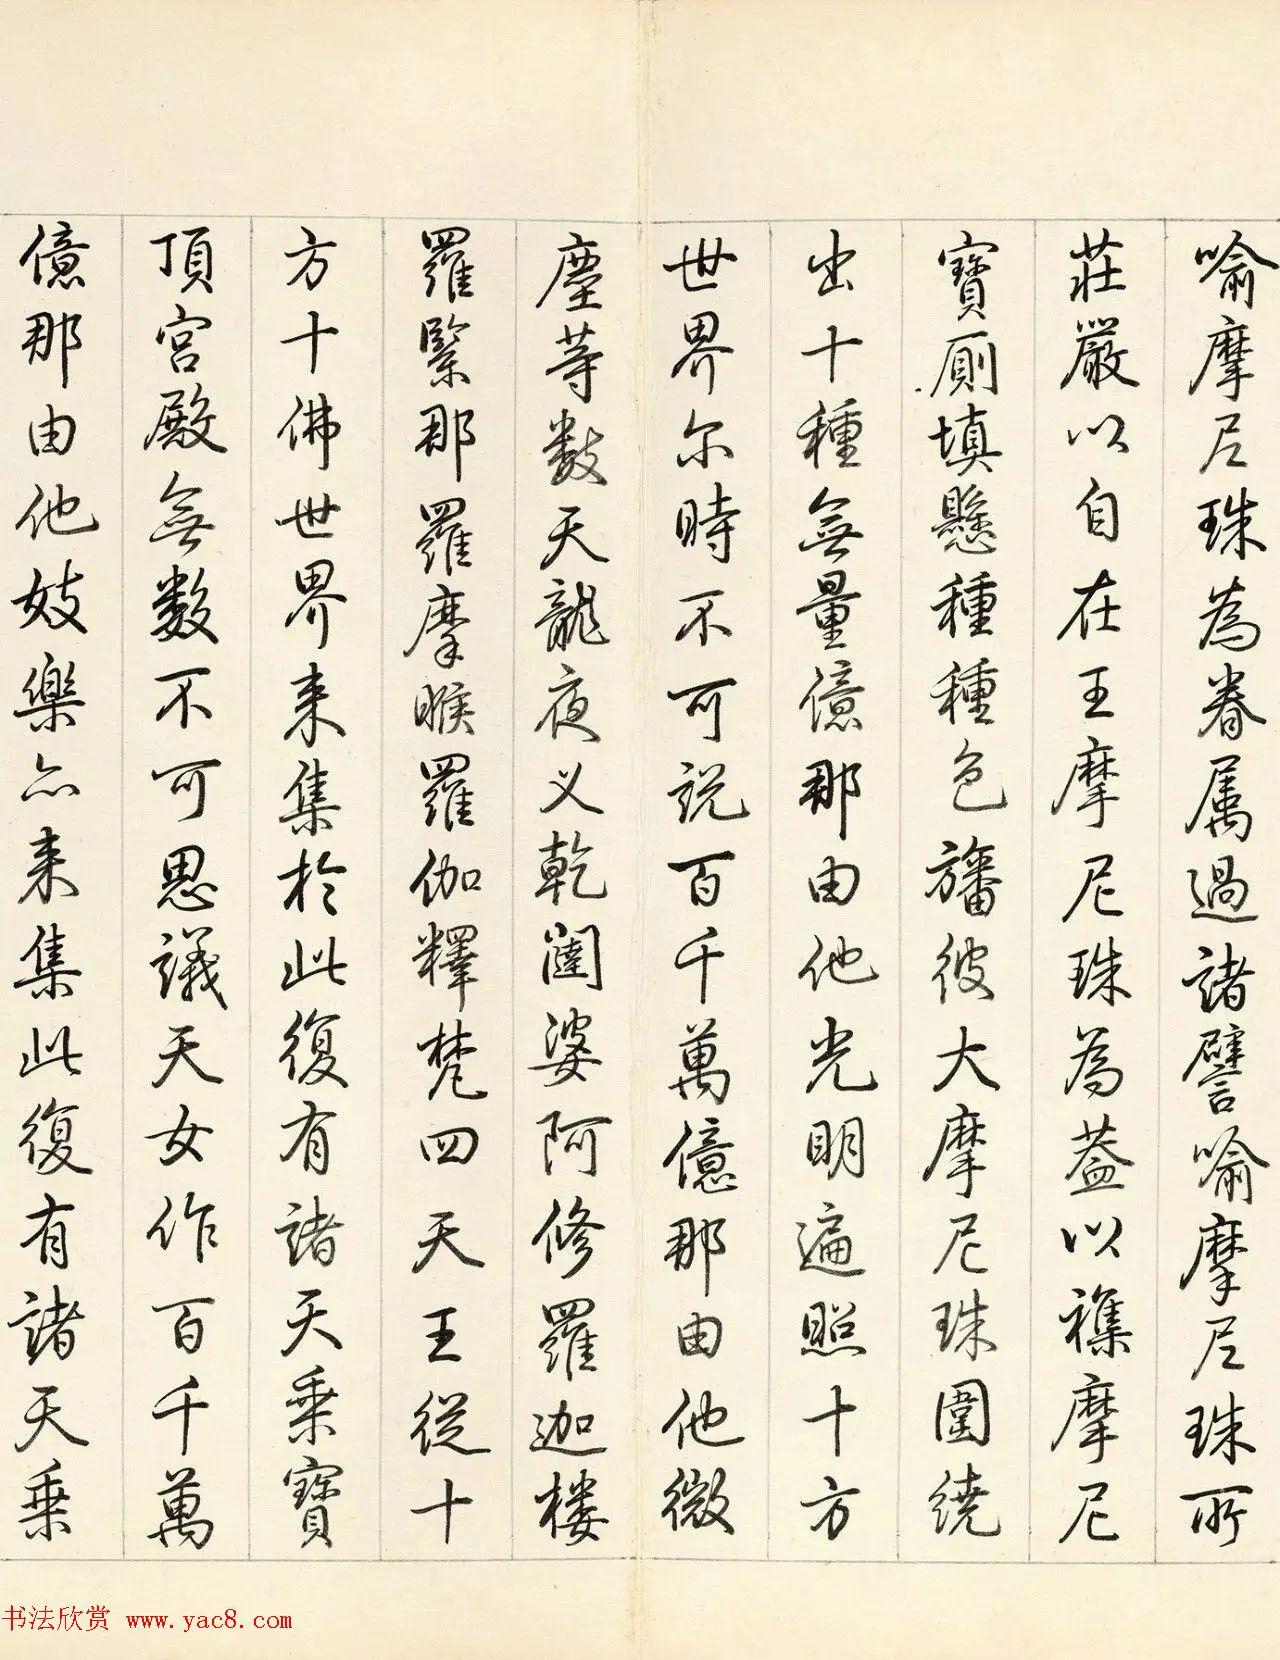 乾隆皇帝行书册页《御书智严经》